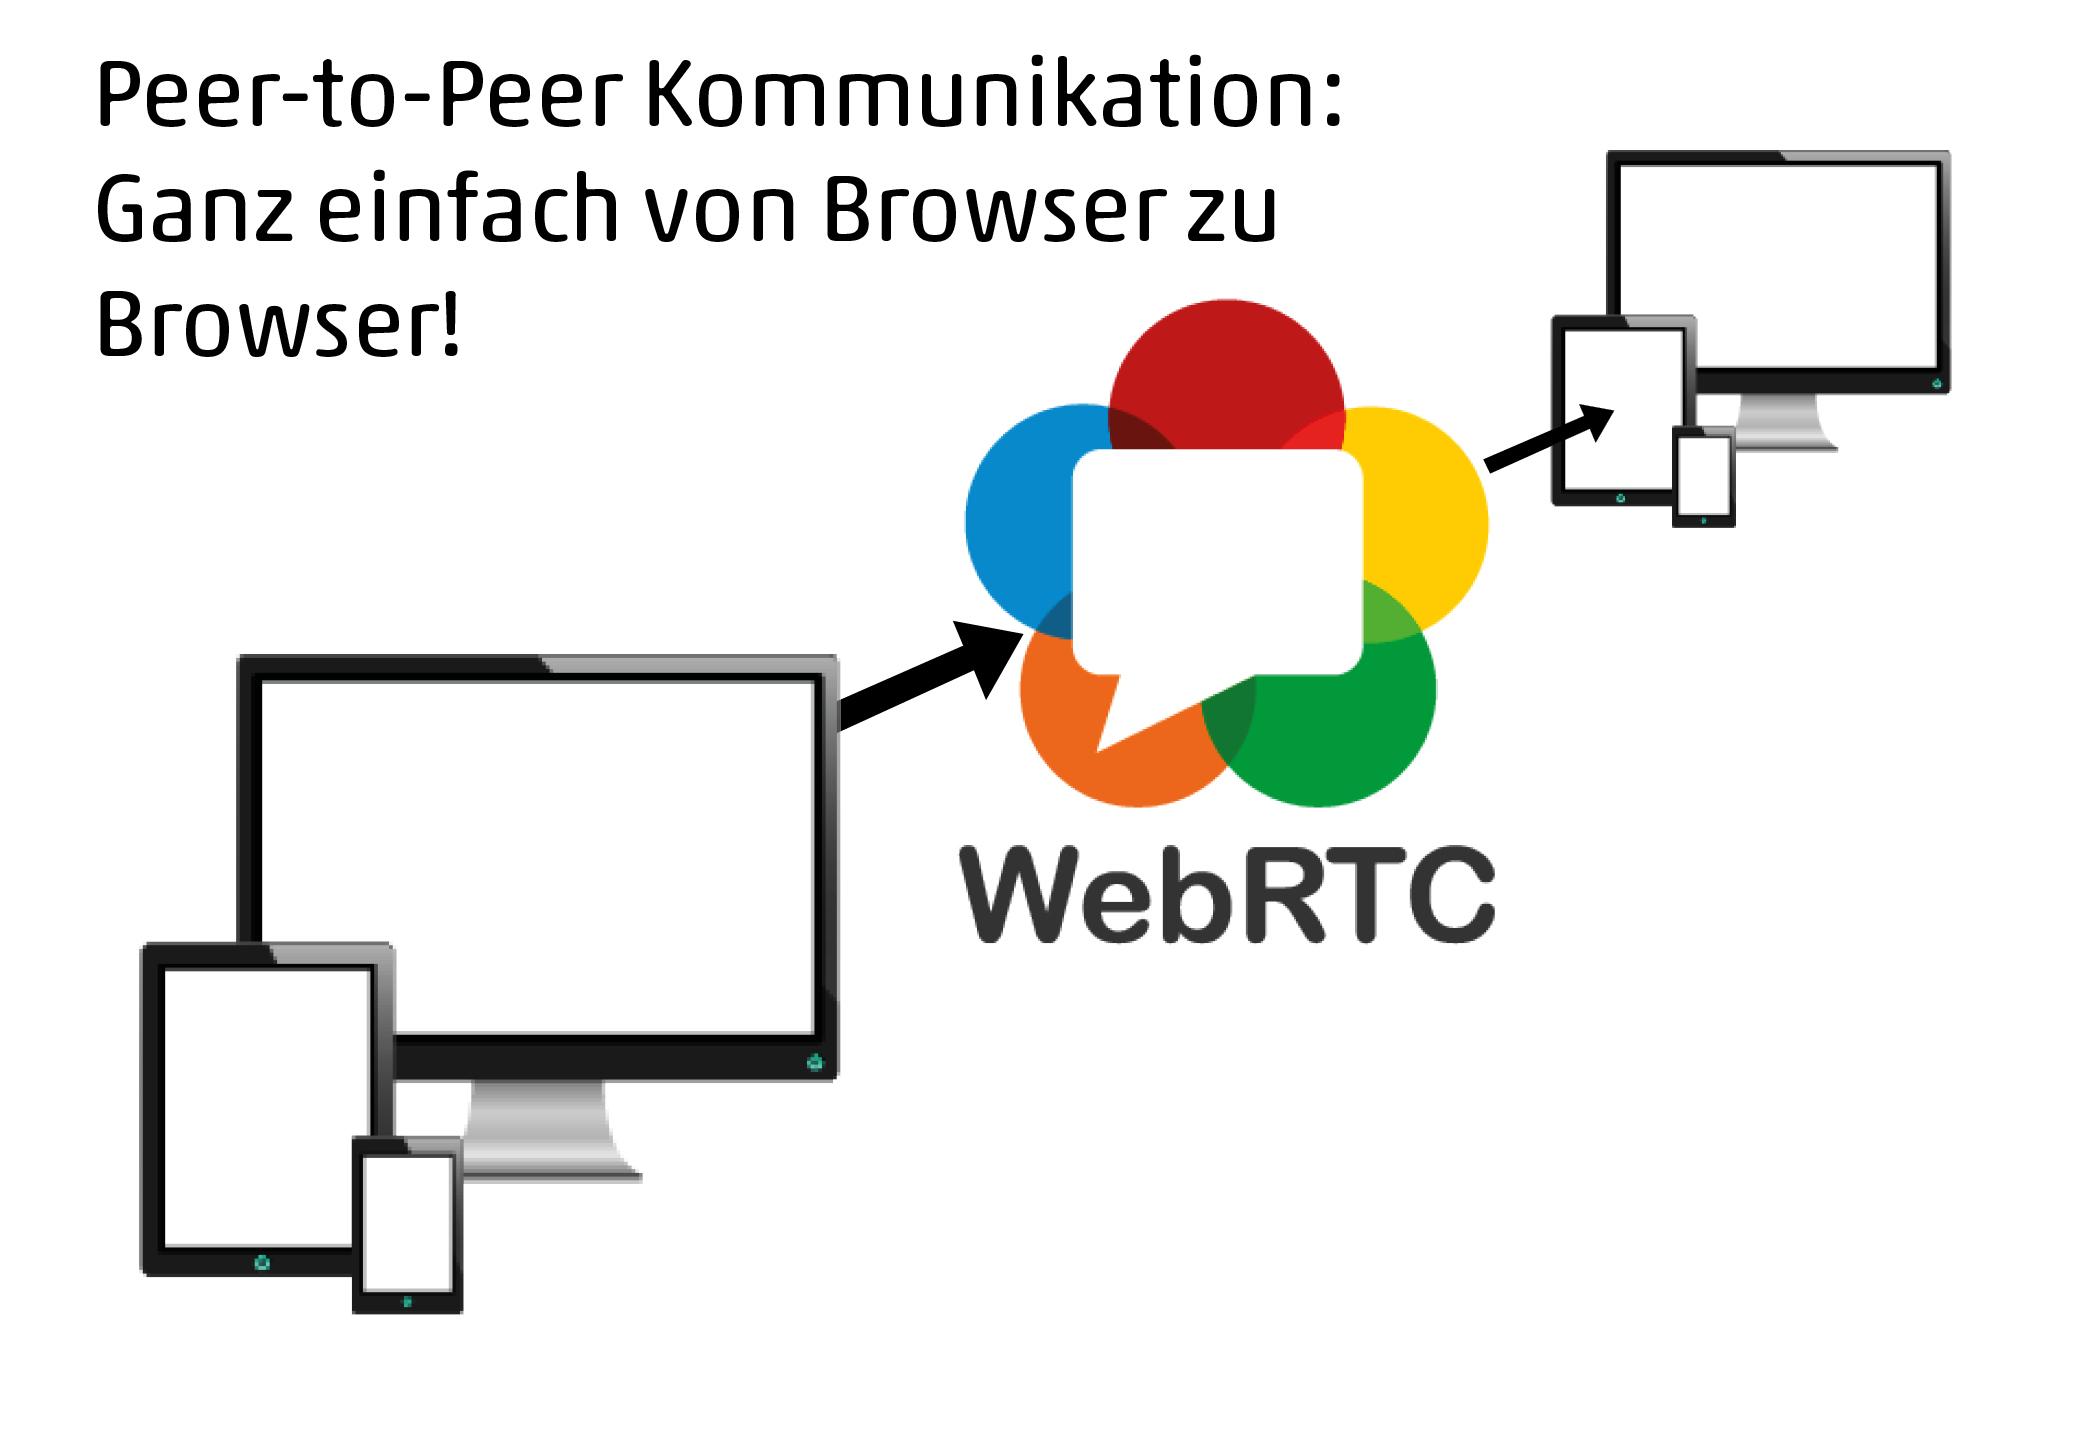 Peer-to-Peer Kommunikation: Ganz einfach von Browser zu Browser!